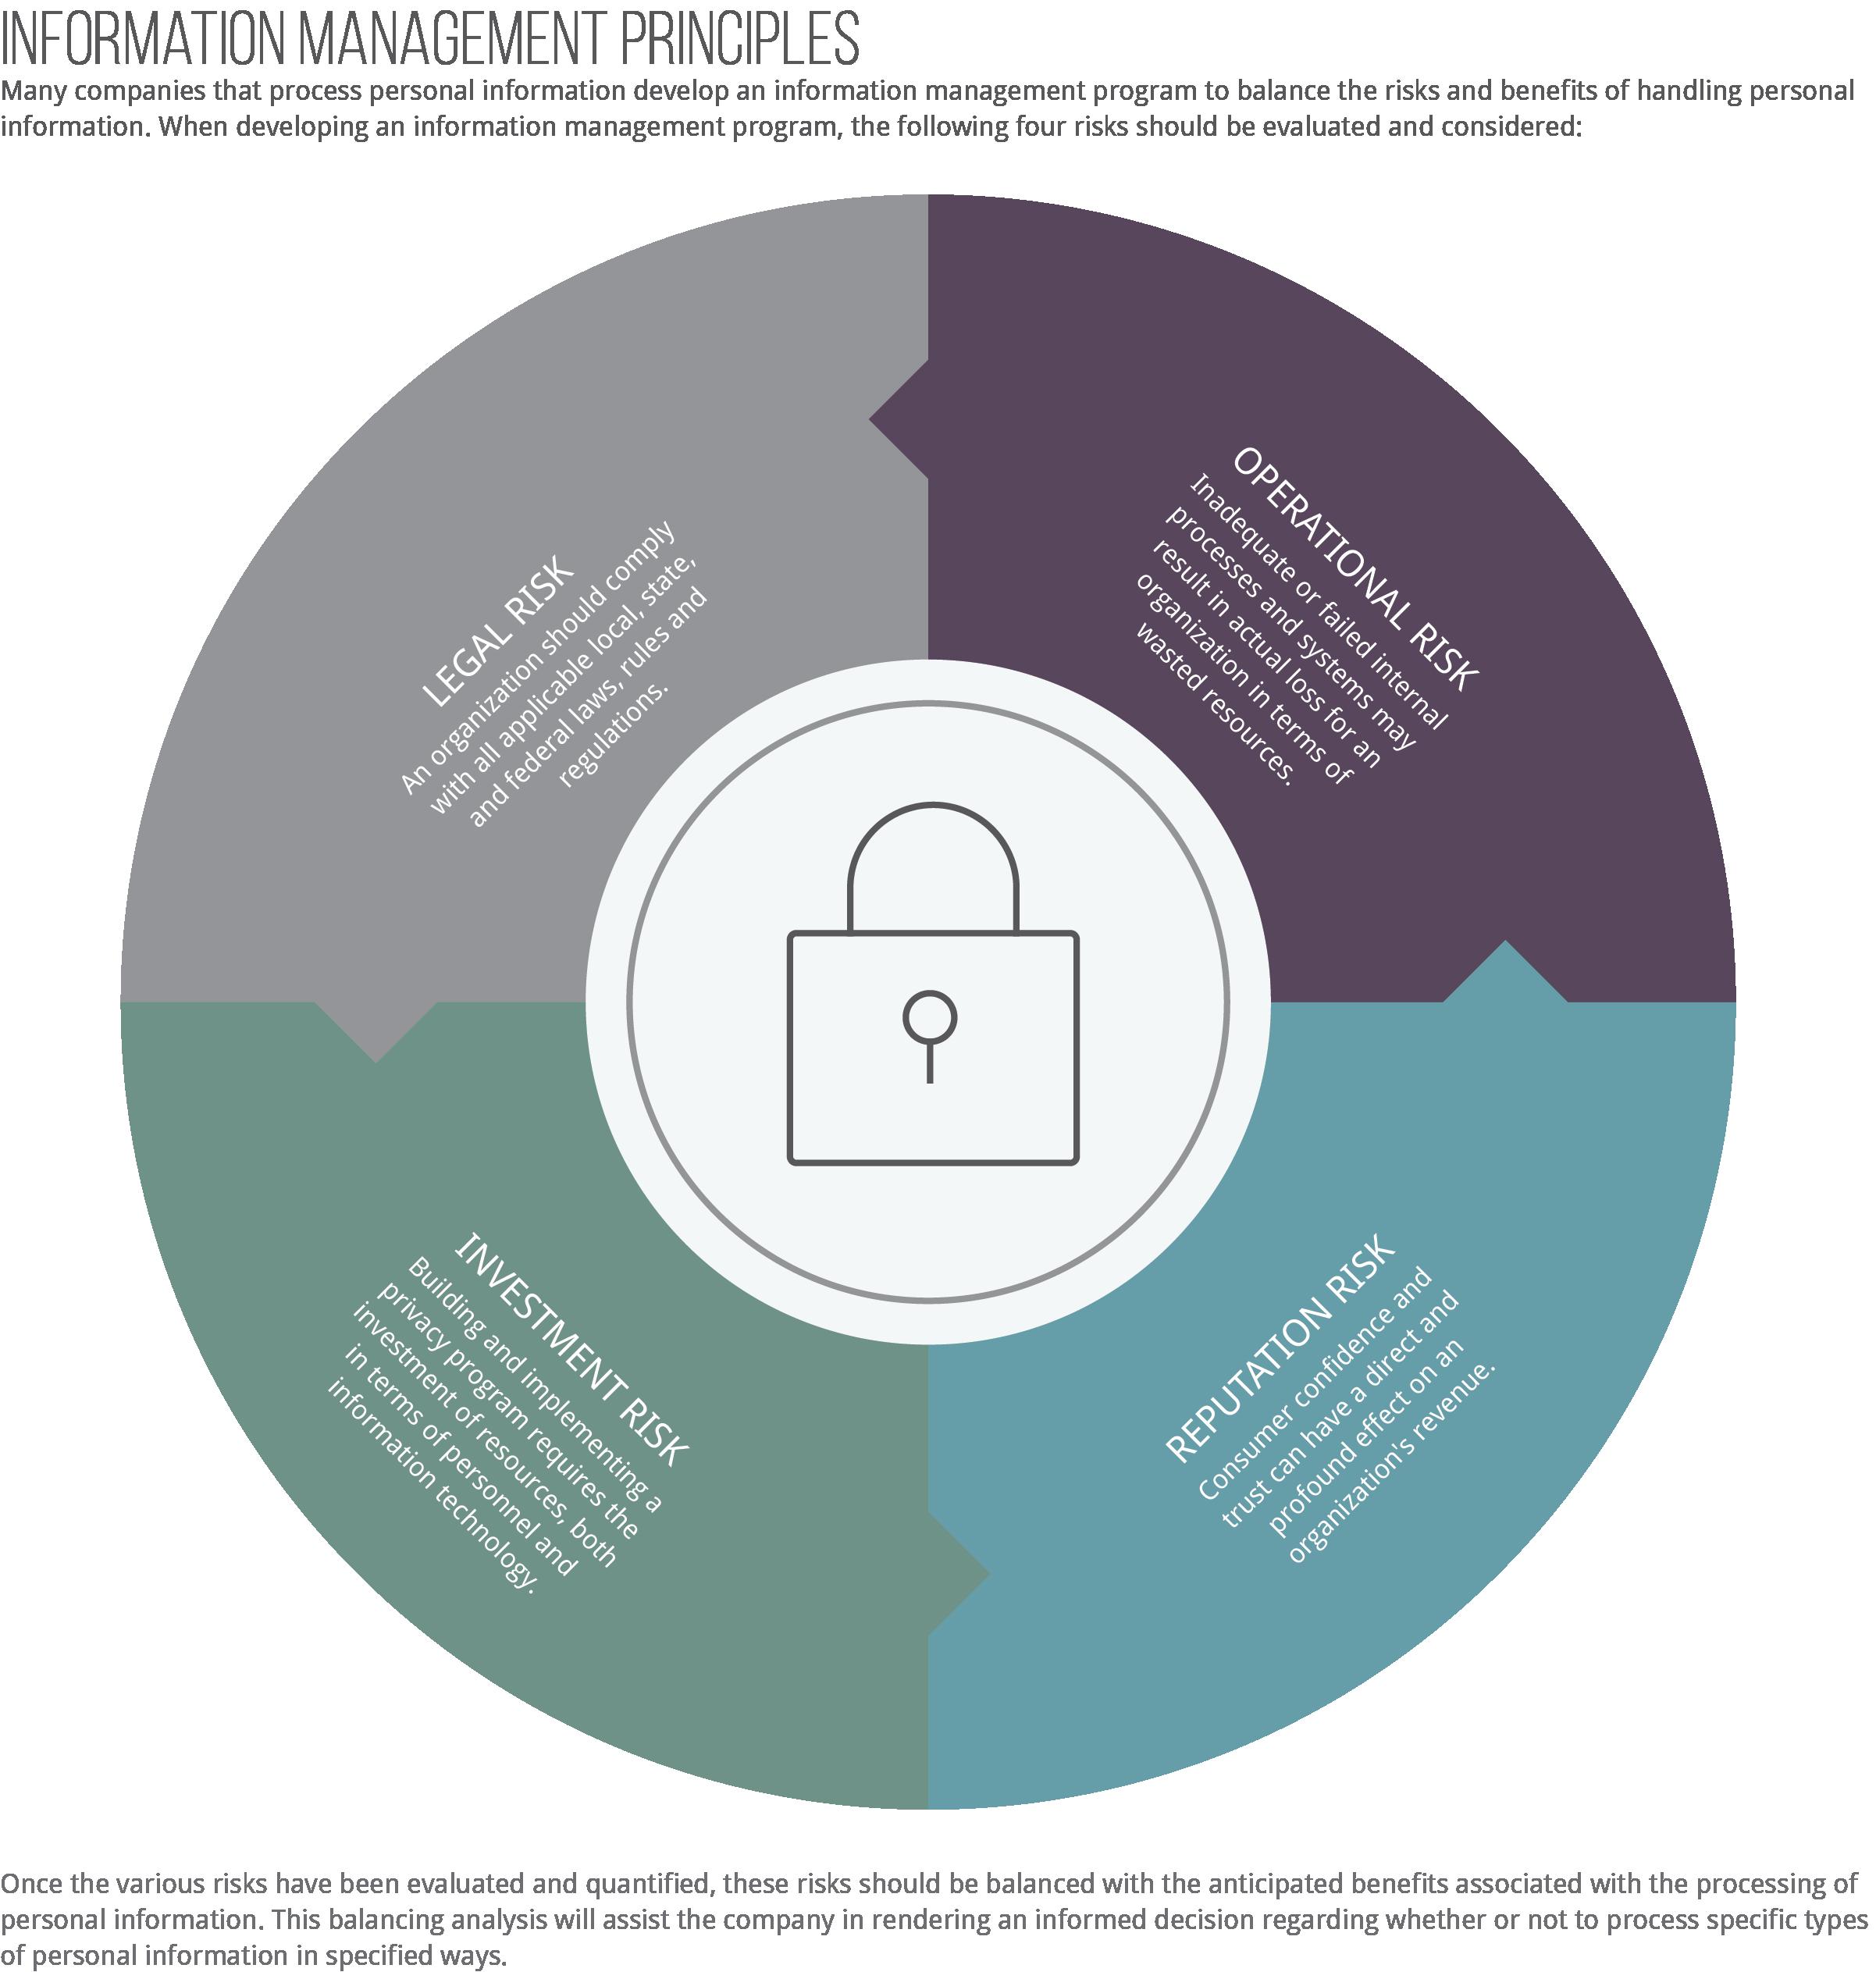 Information Management Risk Assessment